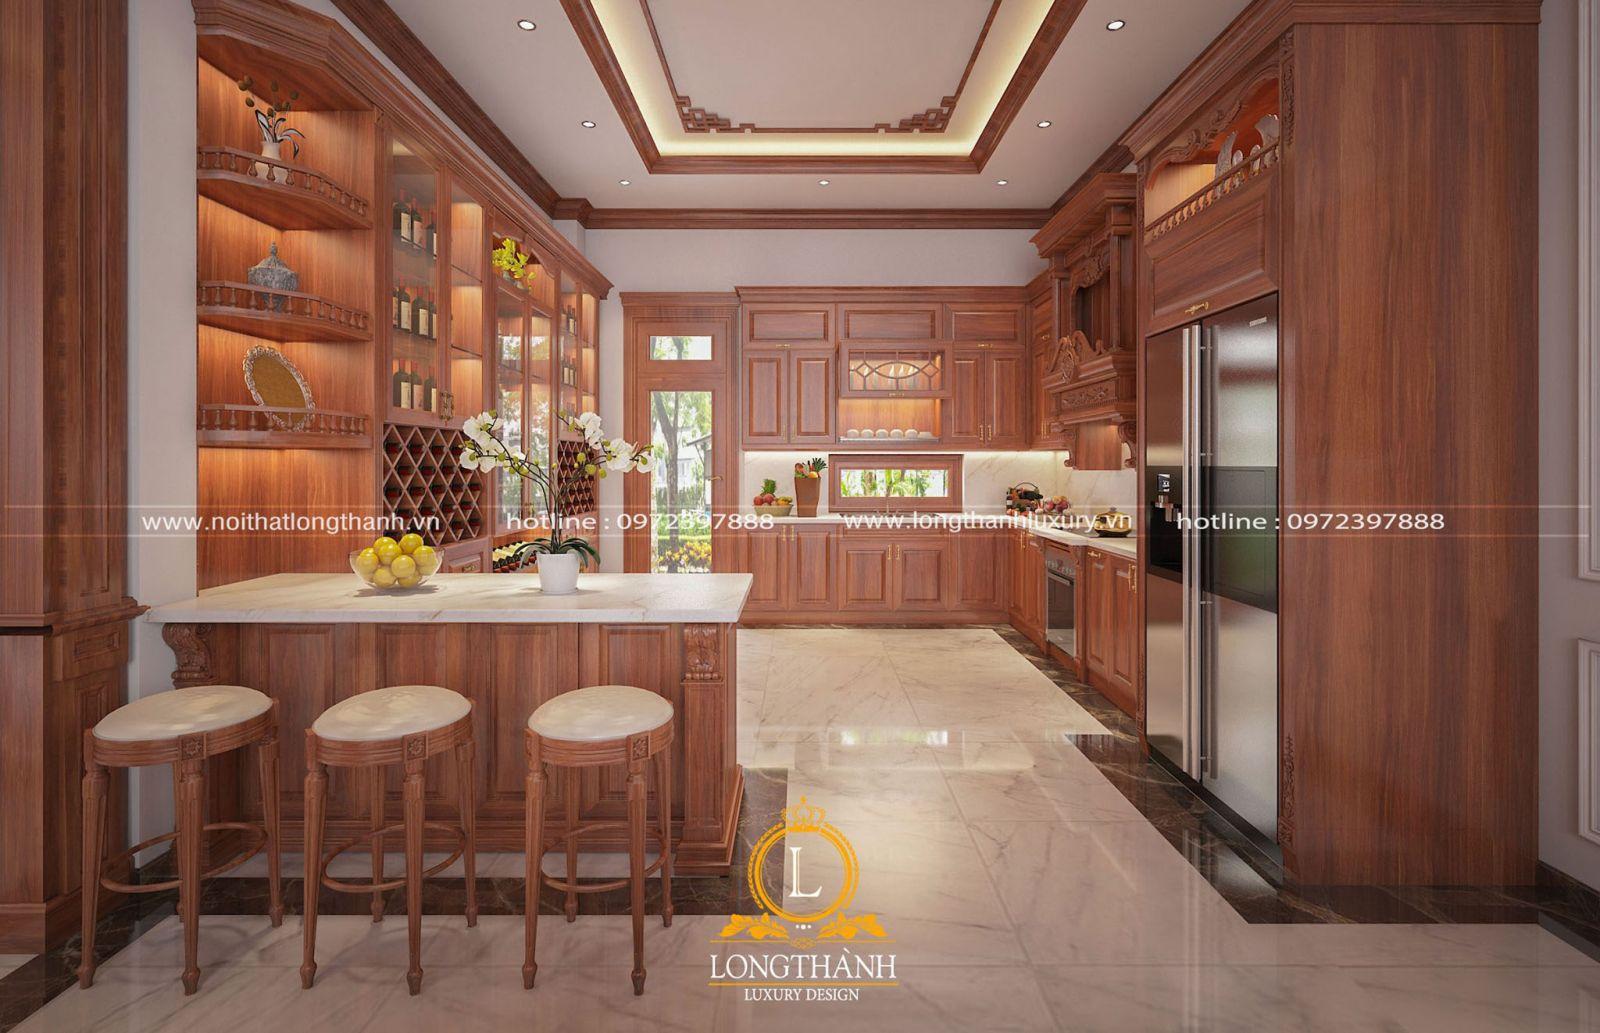 Mẫu tủ bếp tân cổ điển tiện nghi cao cấp cho nhà biệt thự phố rộng